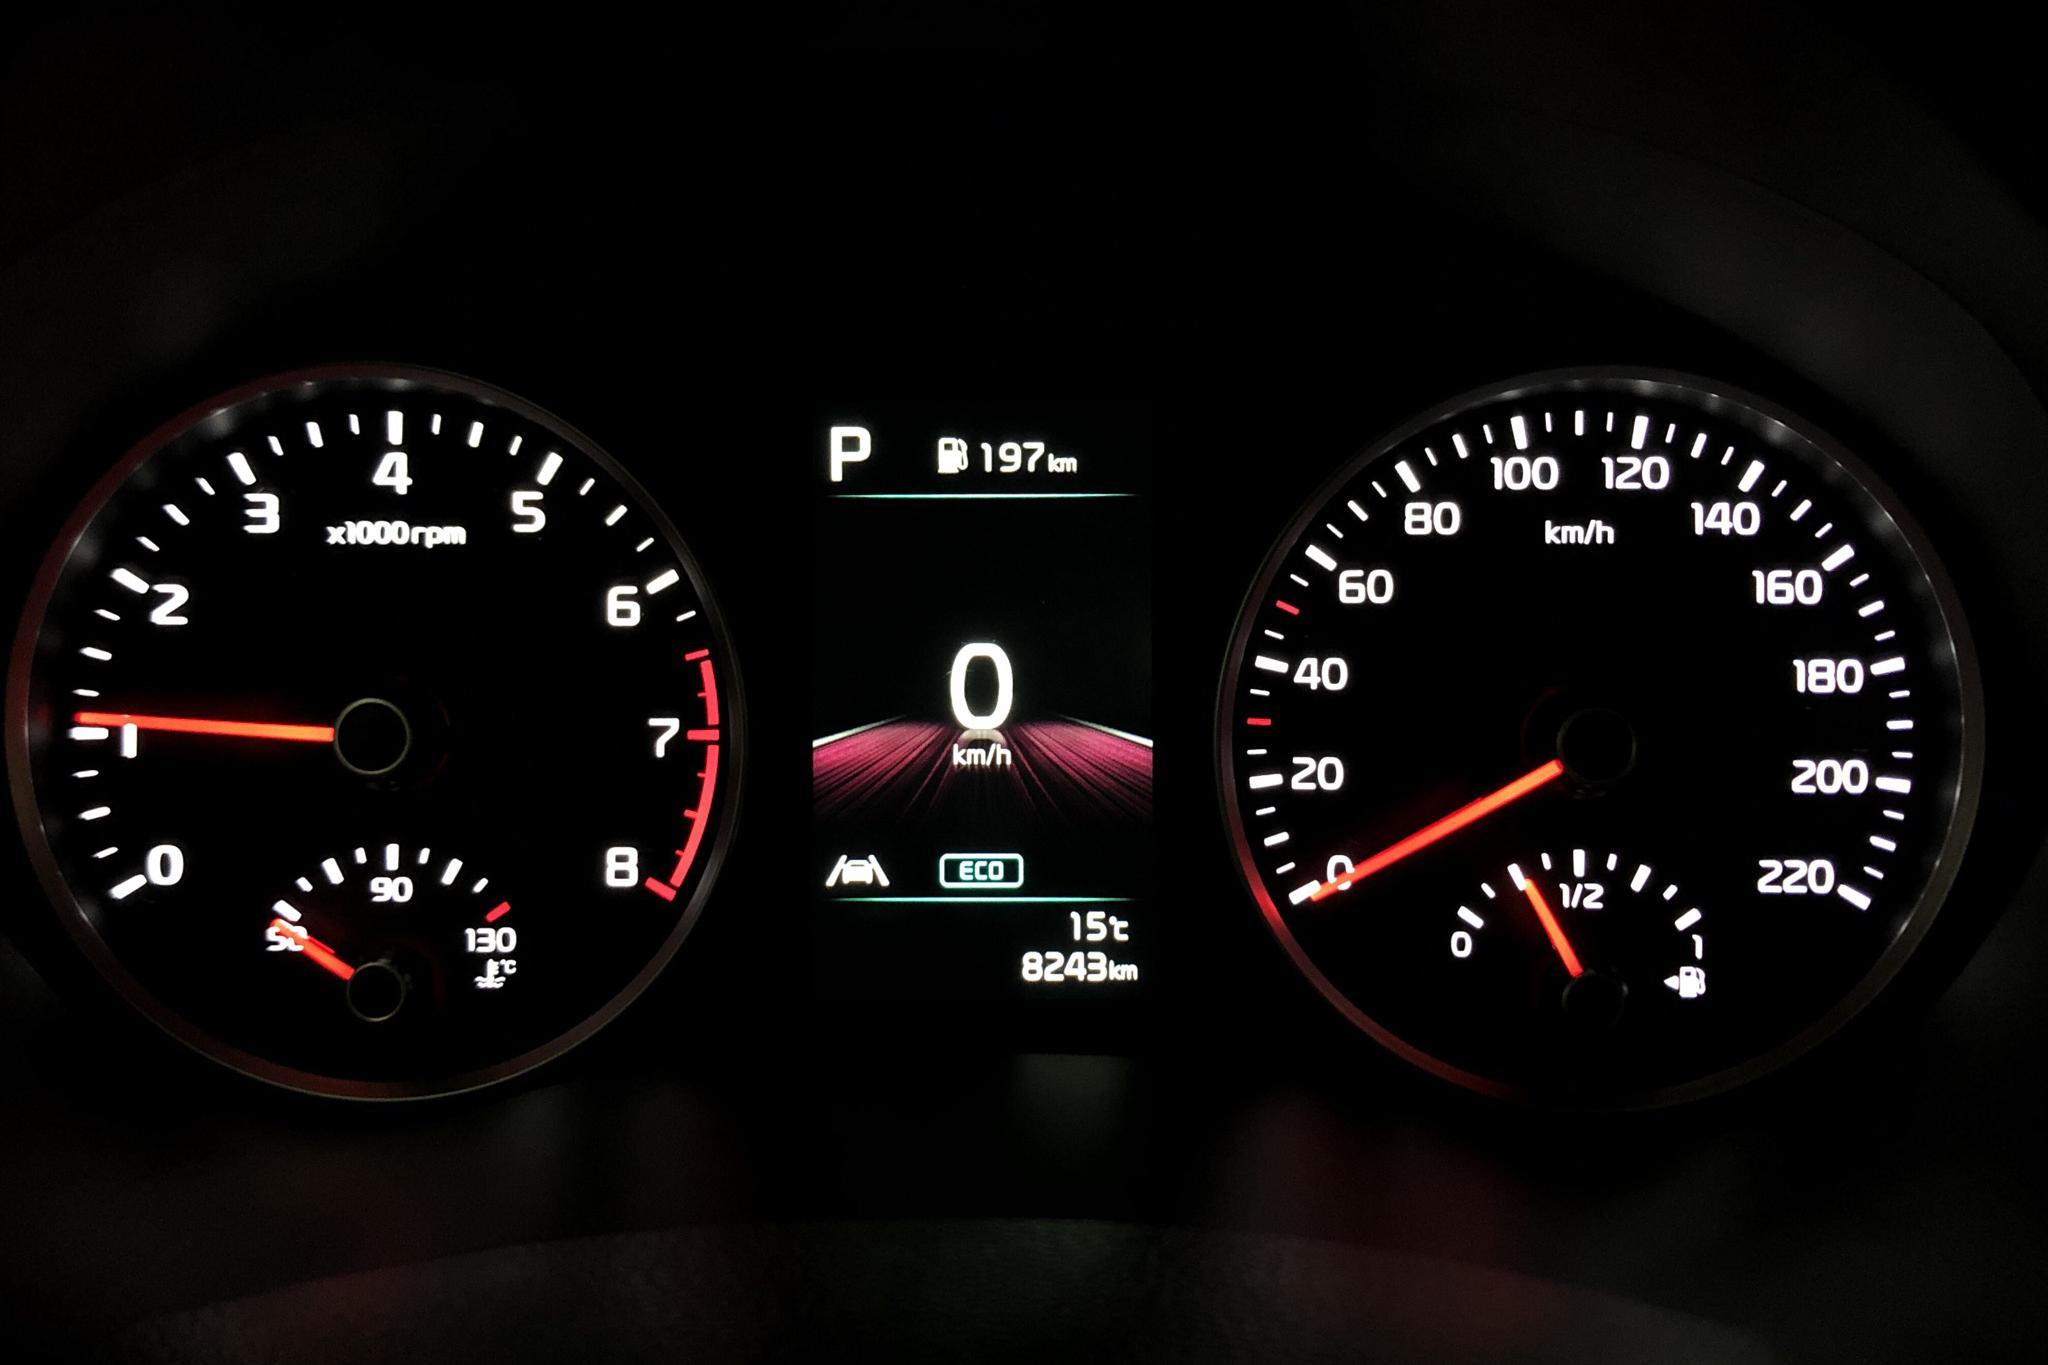 KIA Rio 1.0 T-GDi 48V (120hk) - 8 240 km - Automatic - red - 2021